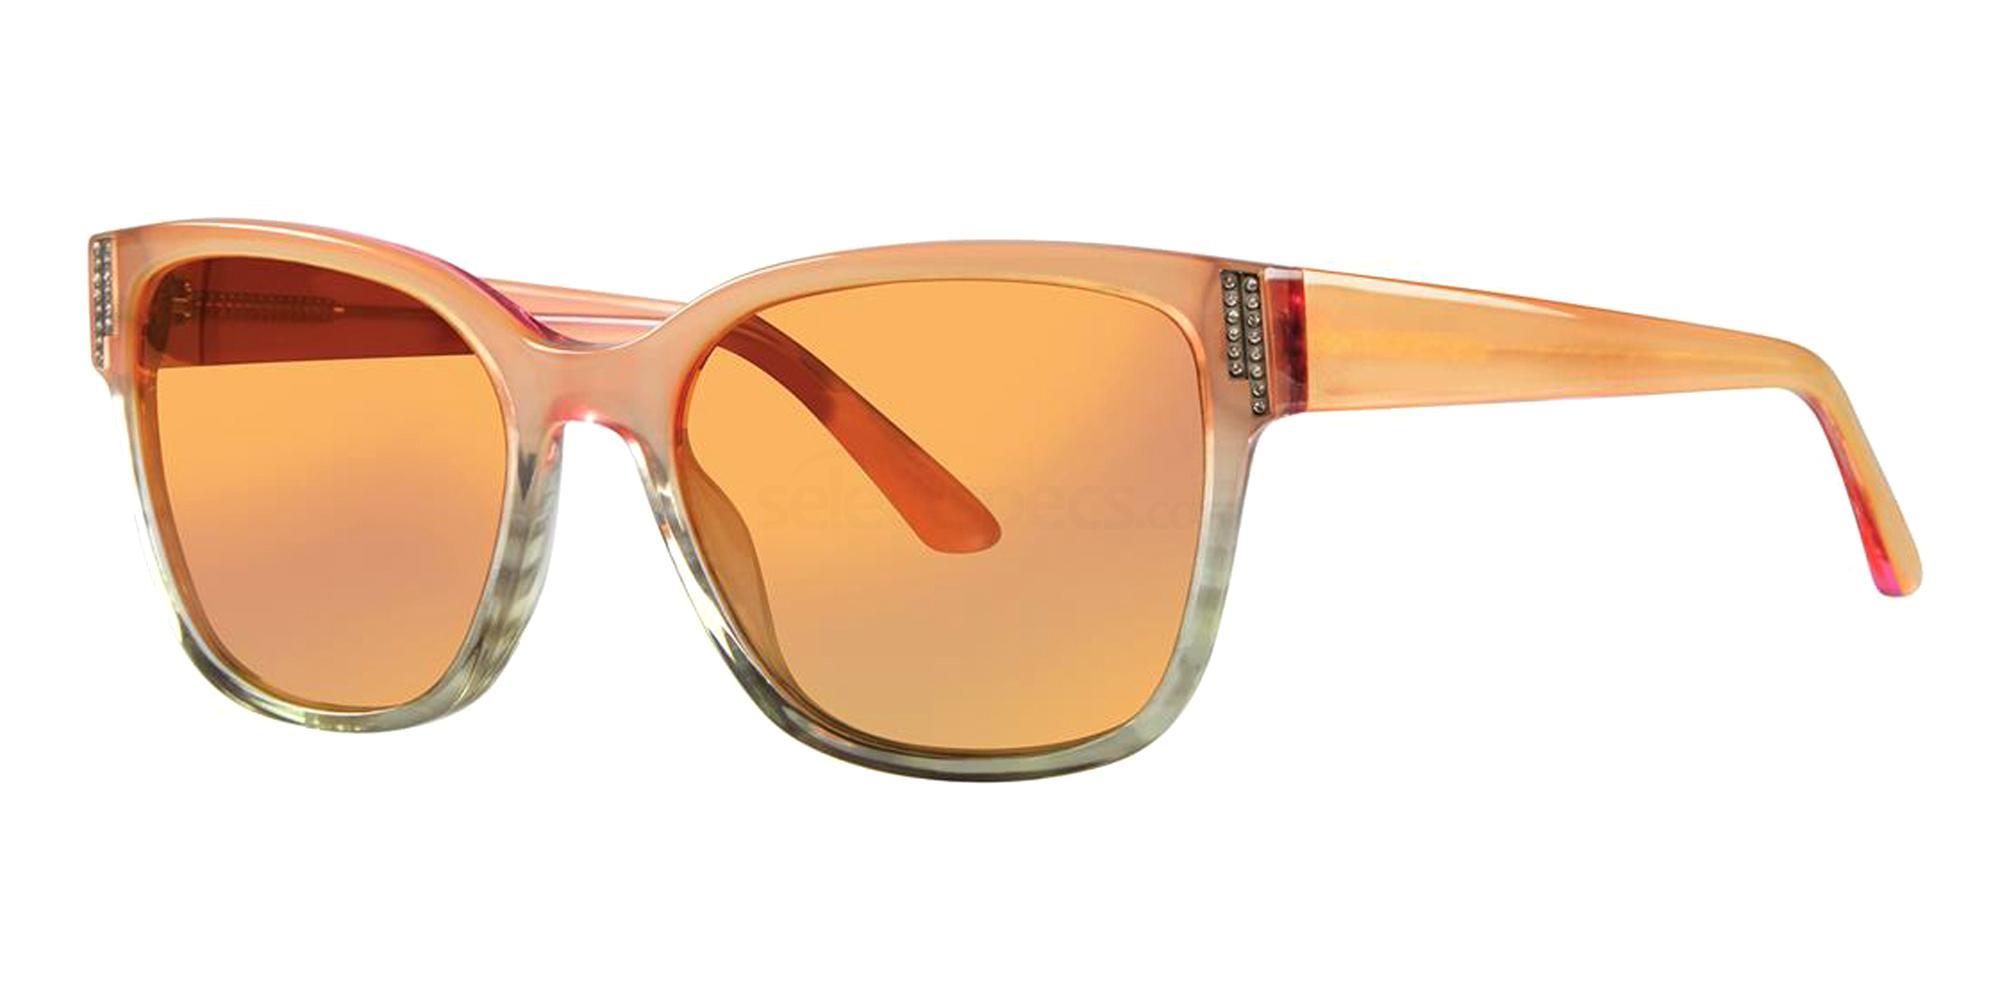 Apricot FARAH Sunglasses, Vera Wang Luxe